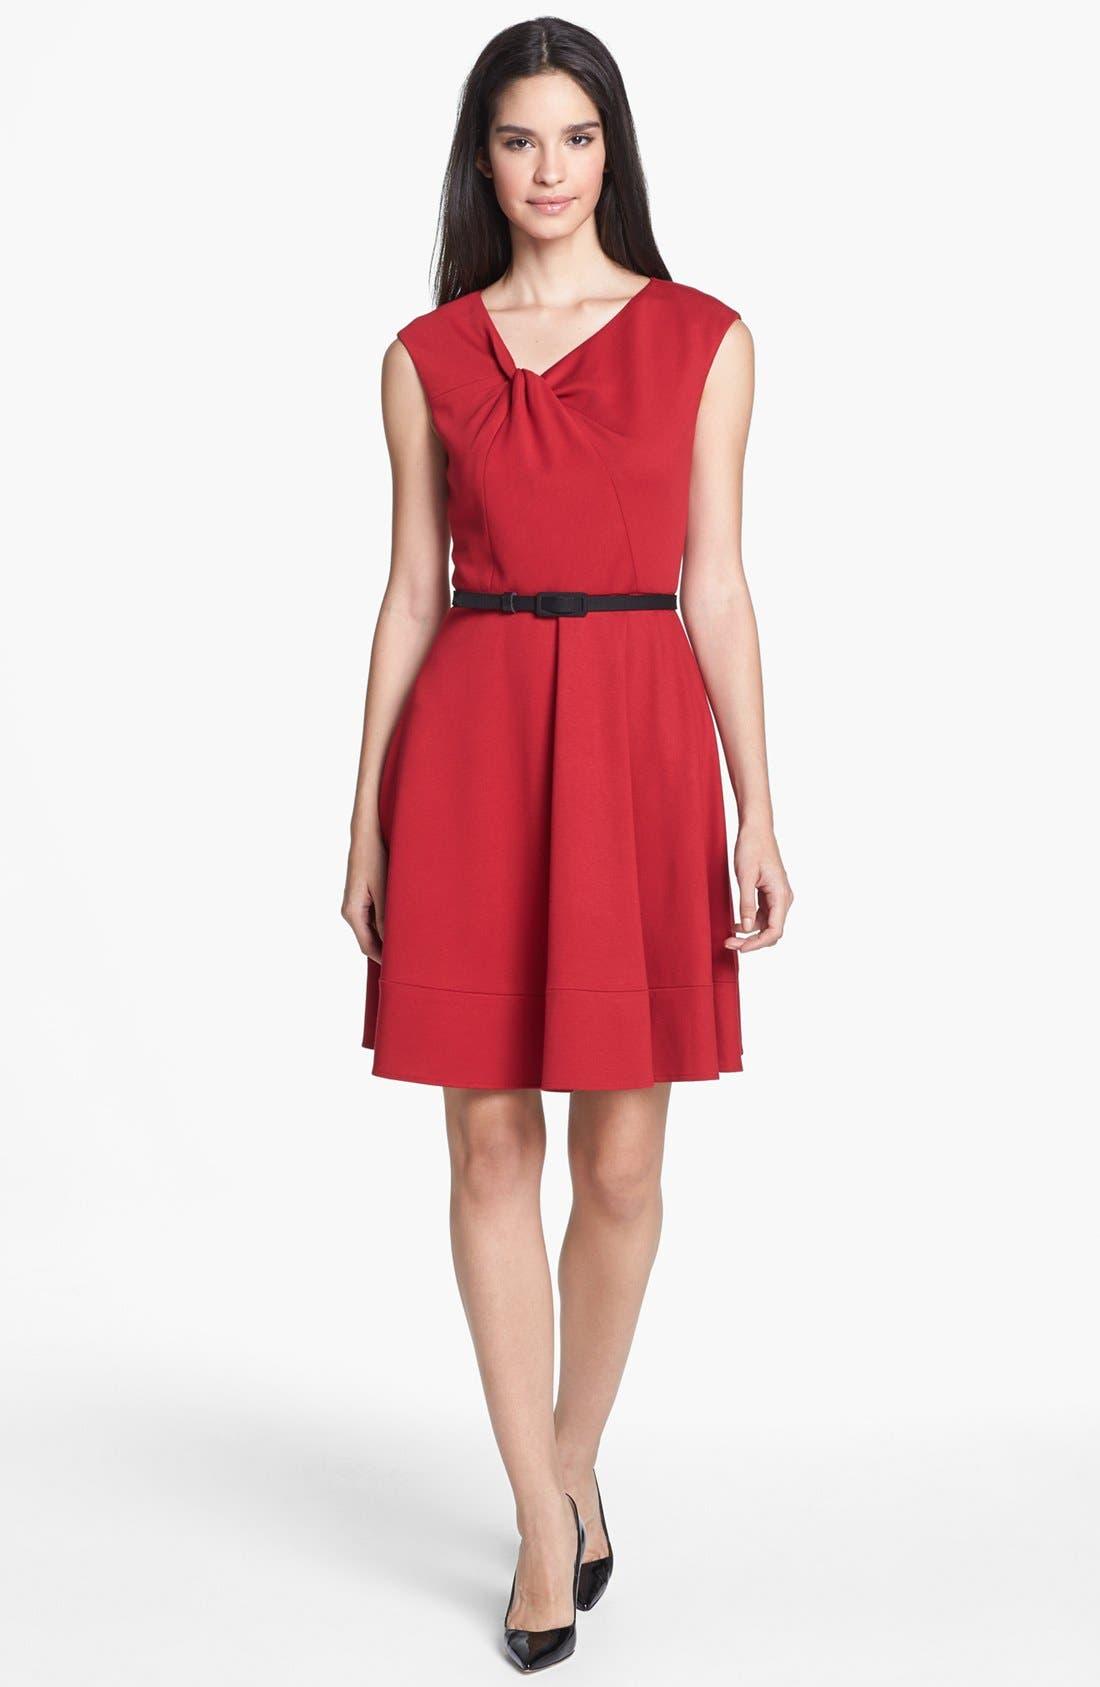 Alternate Image 1 Selected - Eliza J Twist Neck Fit & Flare Dress